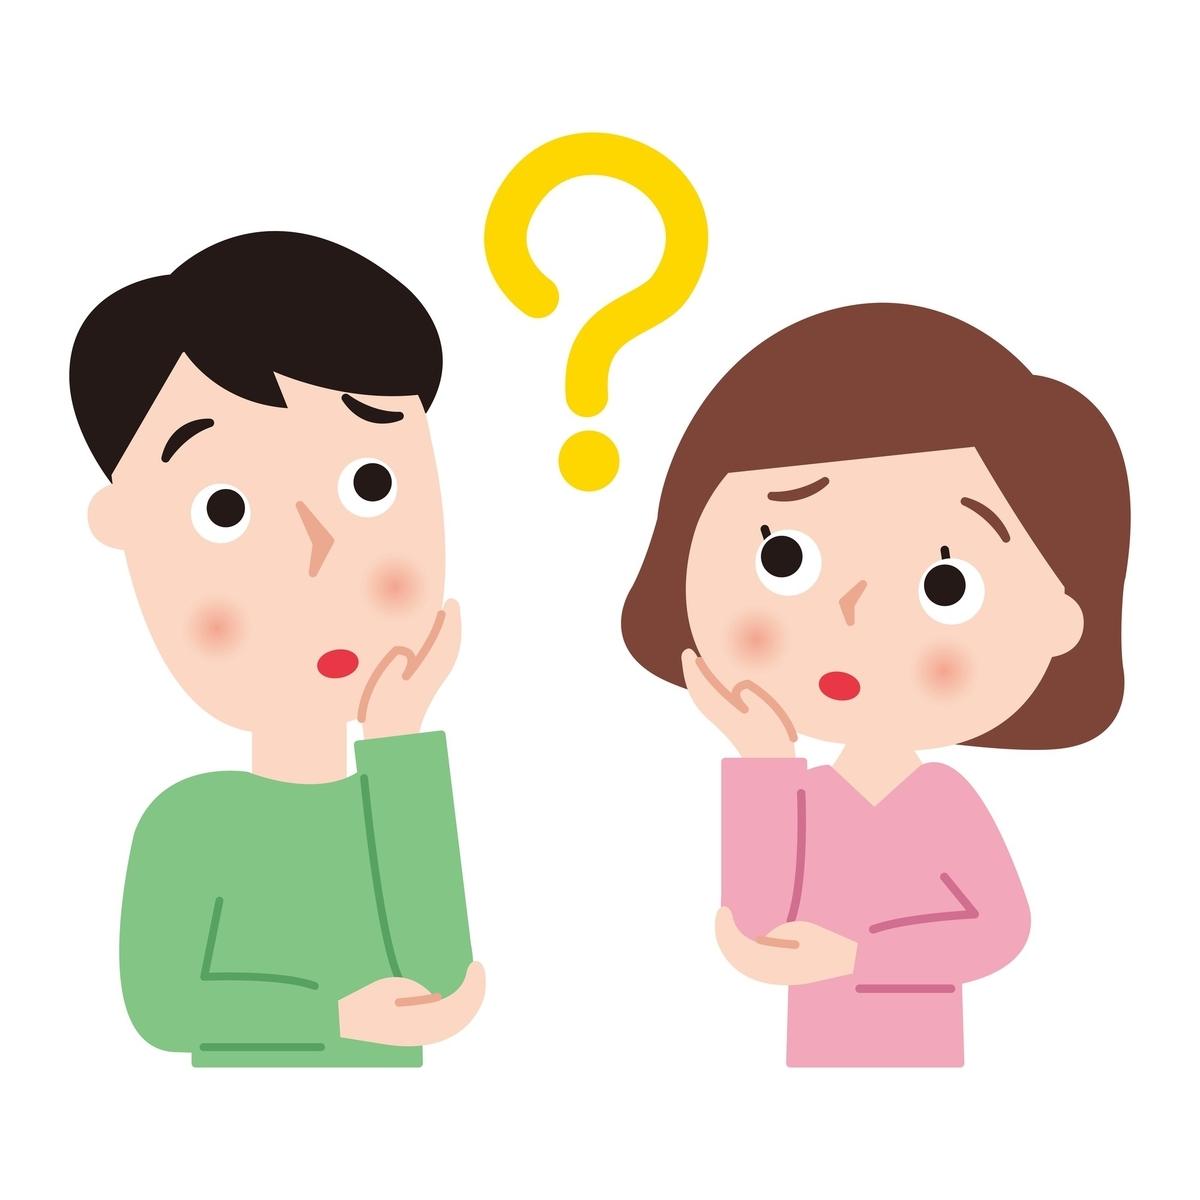 認知症と高齢者のうつ病(老人性うつ病)とは何が違うのか